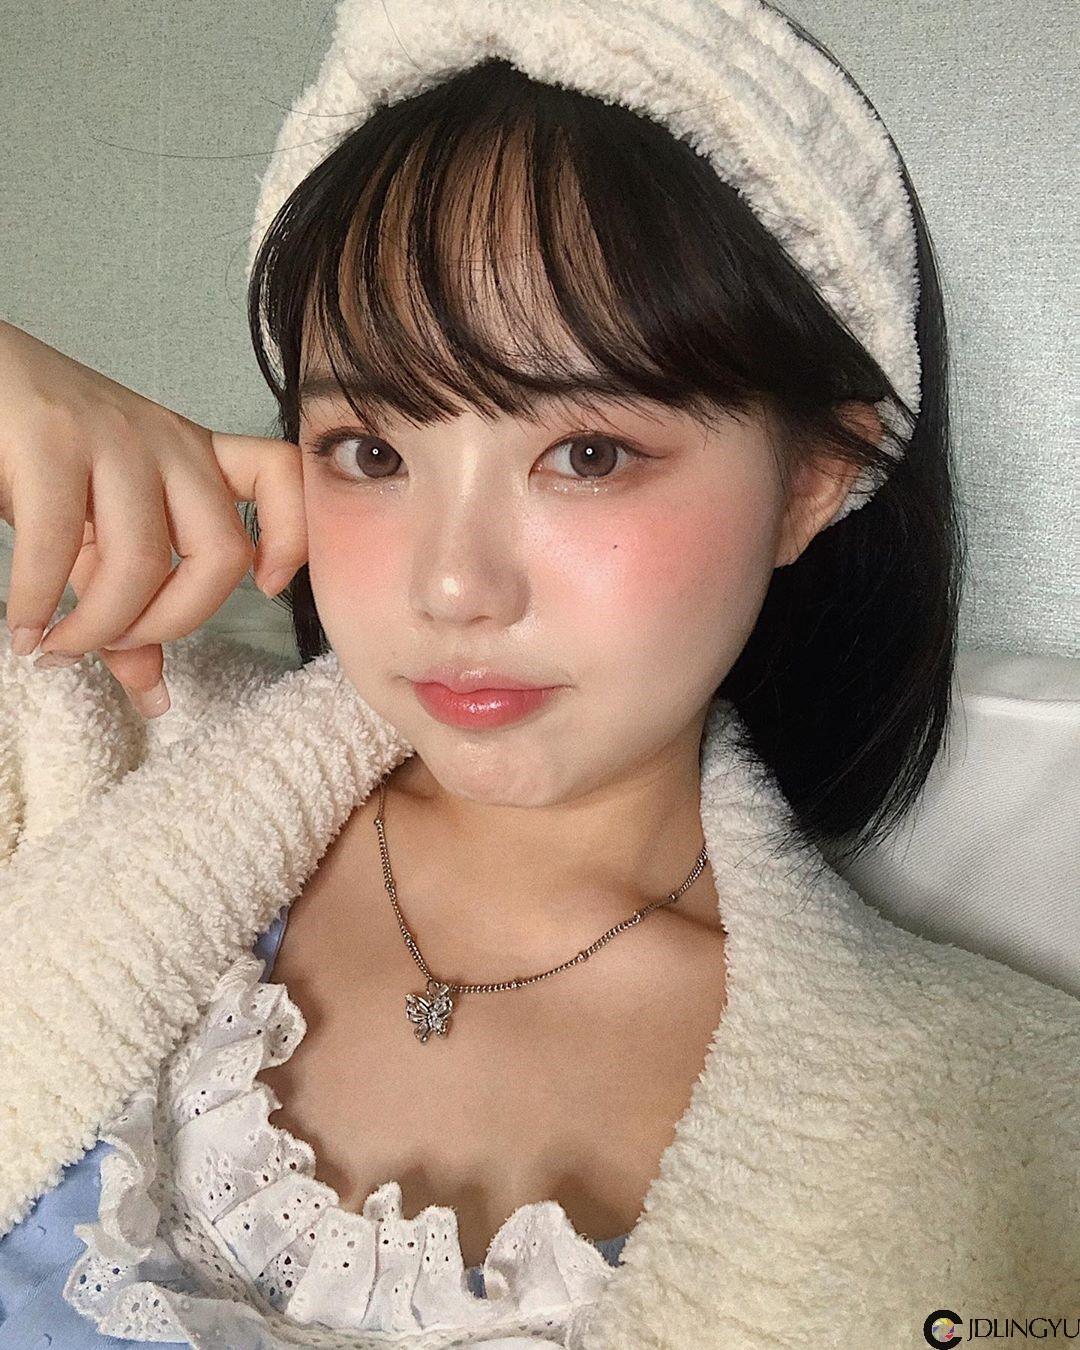 韩国合法萝莉「홍영기」稚嫩童颜宛如小学生 前凸后翘「丰满身材」肉感十足